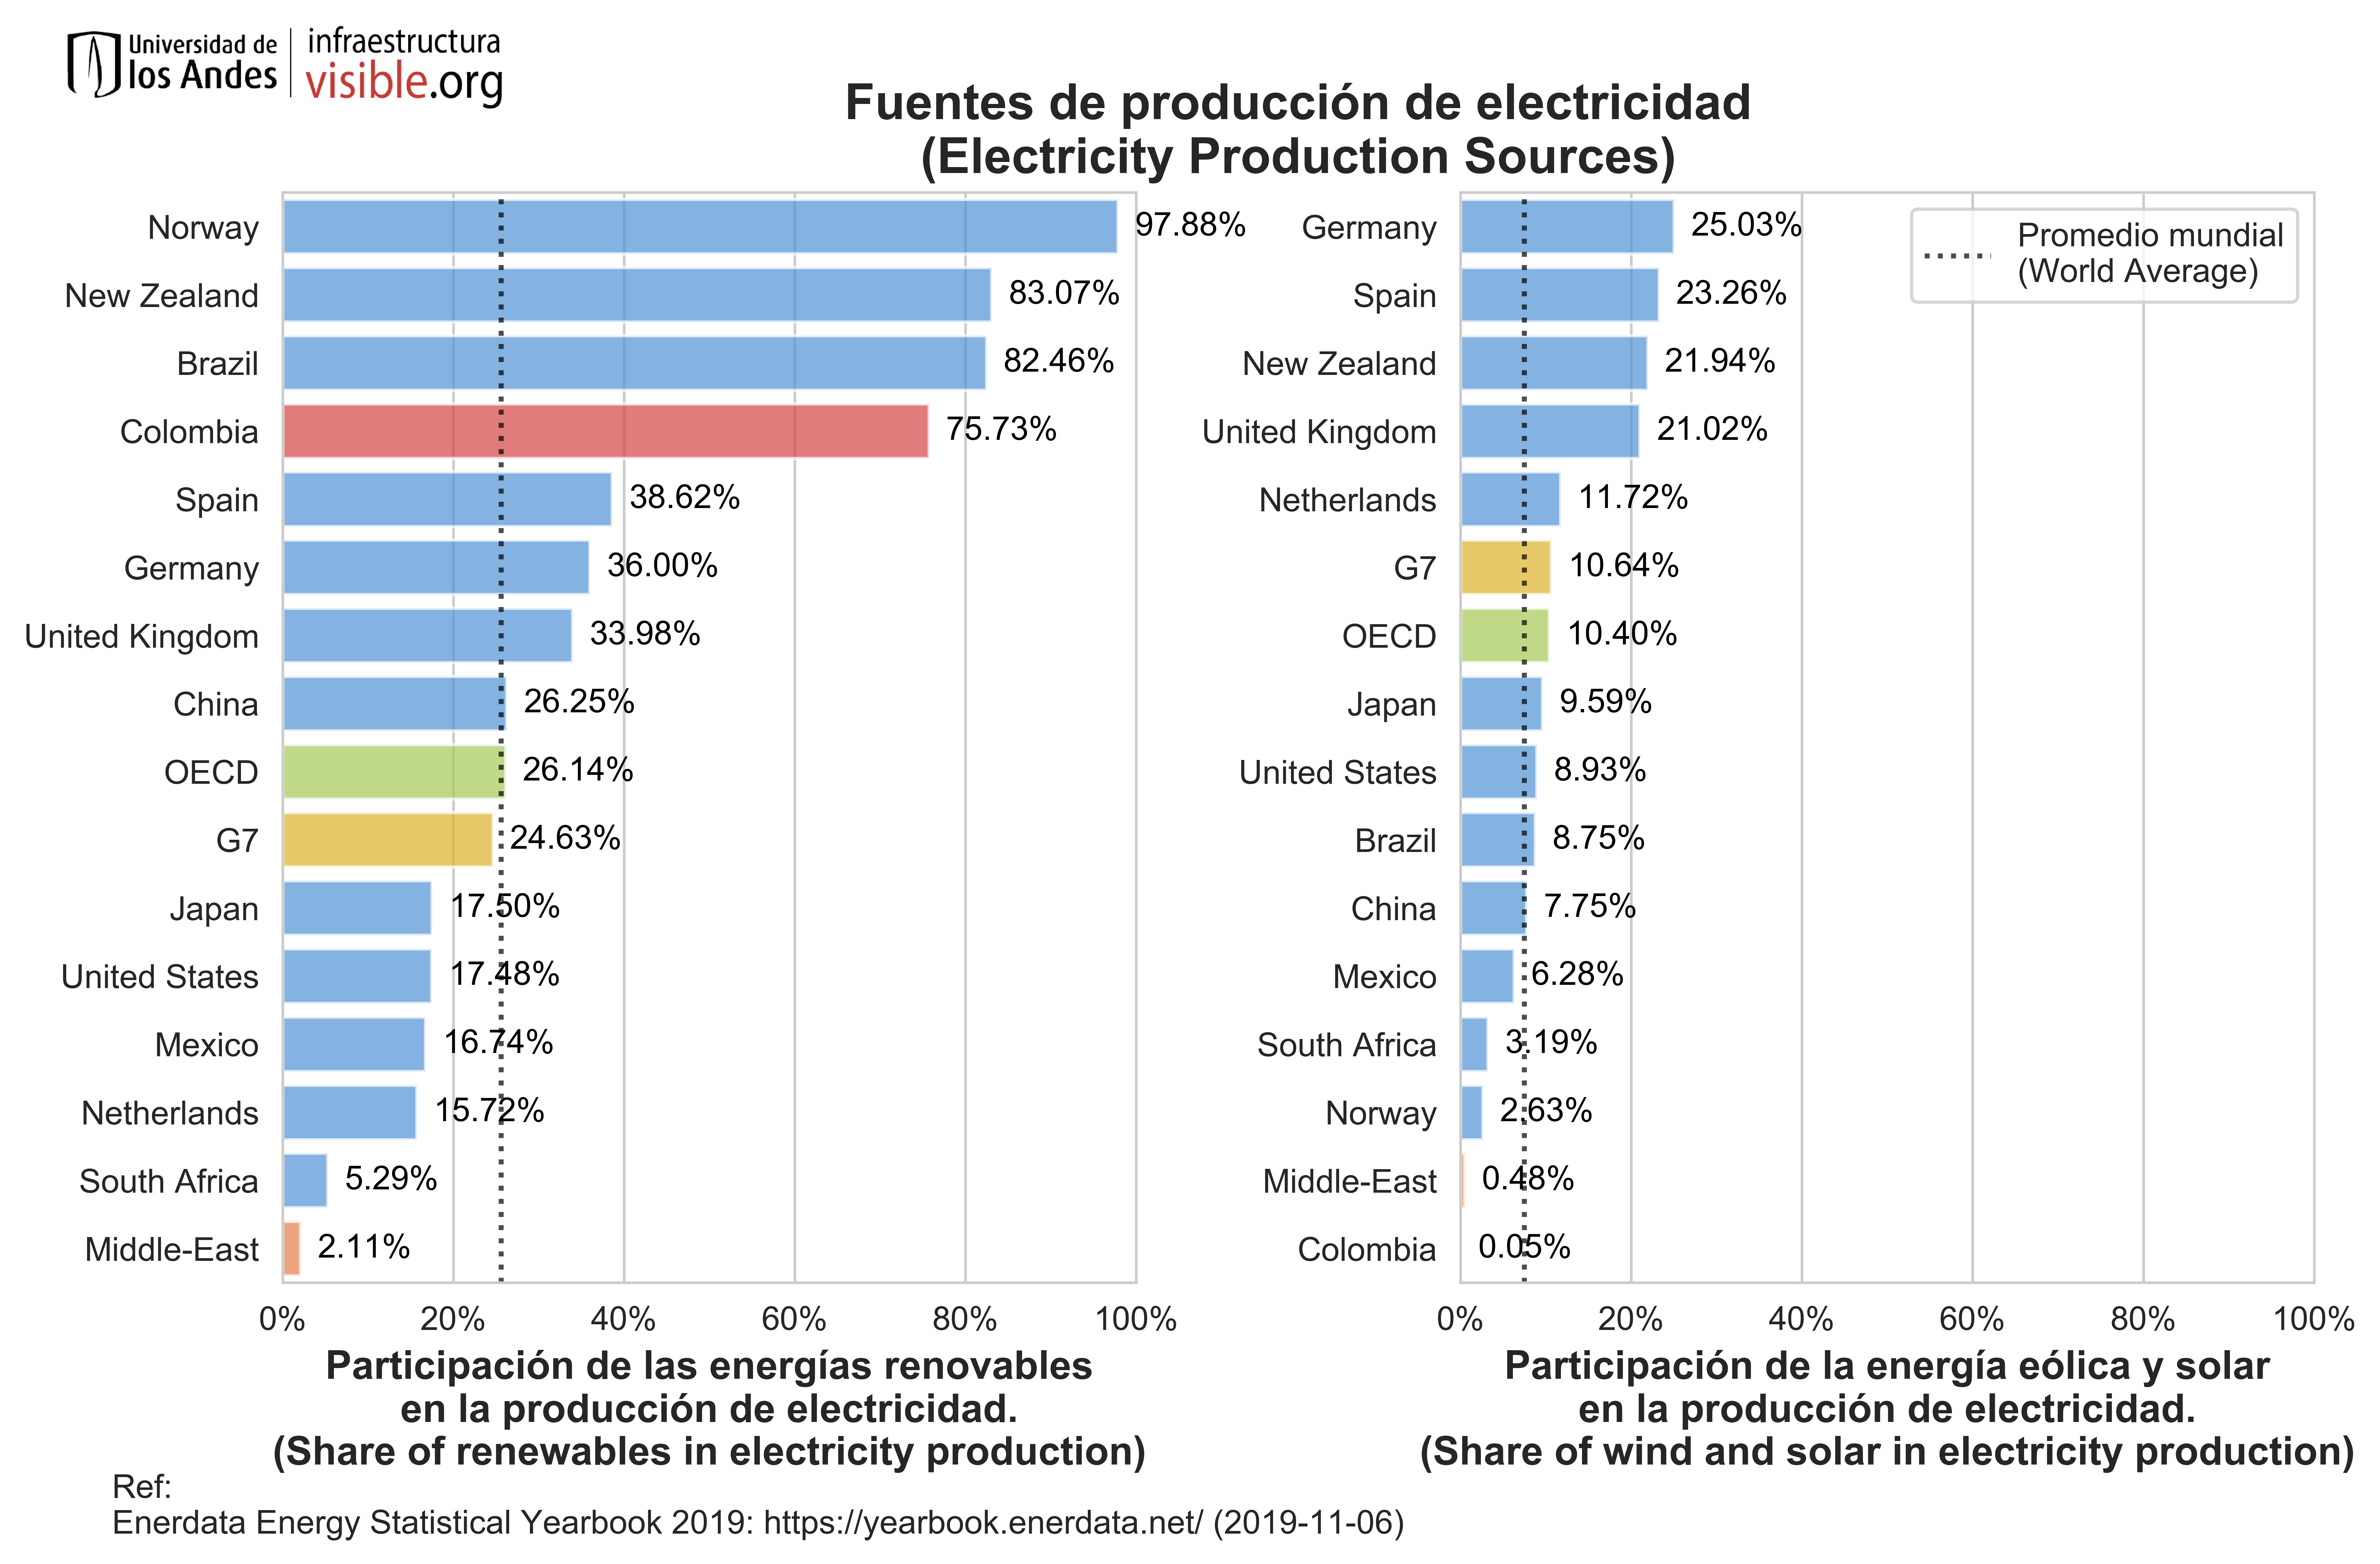 Fuentes de producción de electricidad